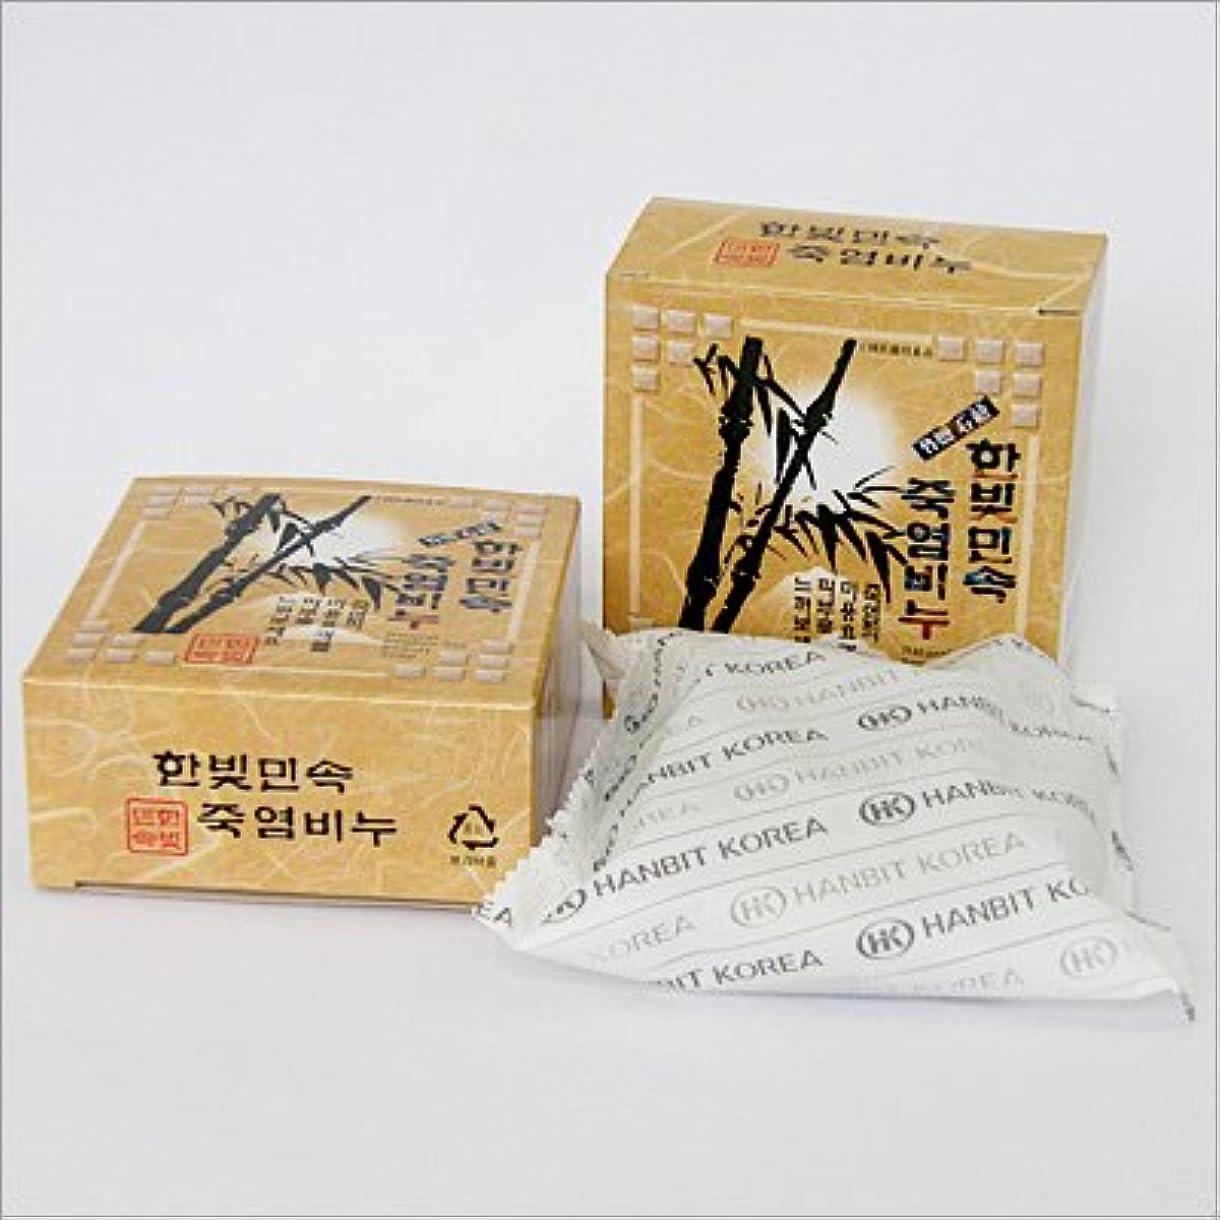 ネット有名懐疑論(韓国ブランド) 韓国直輸入』竹塩石鹸(3個×5セット)